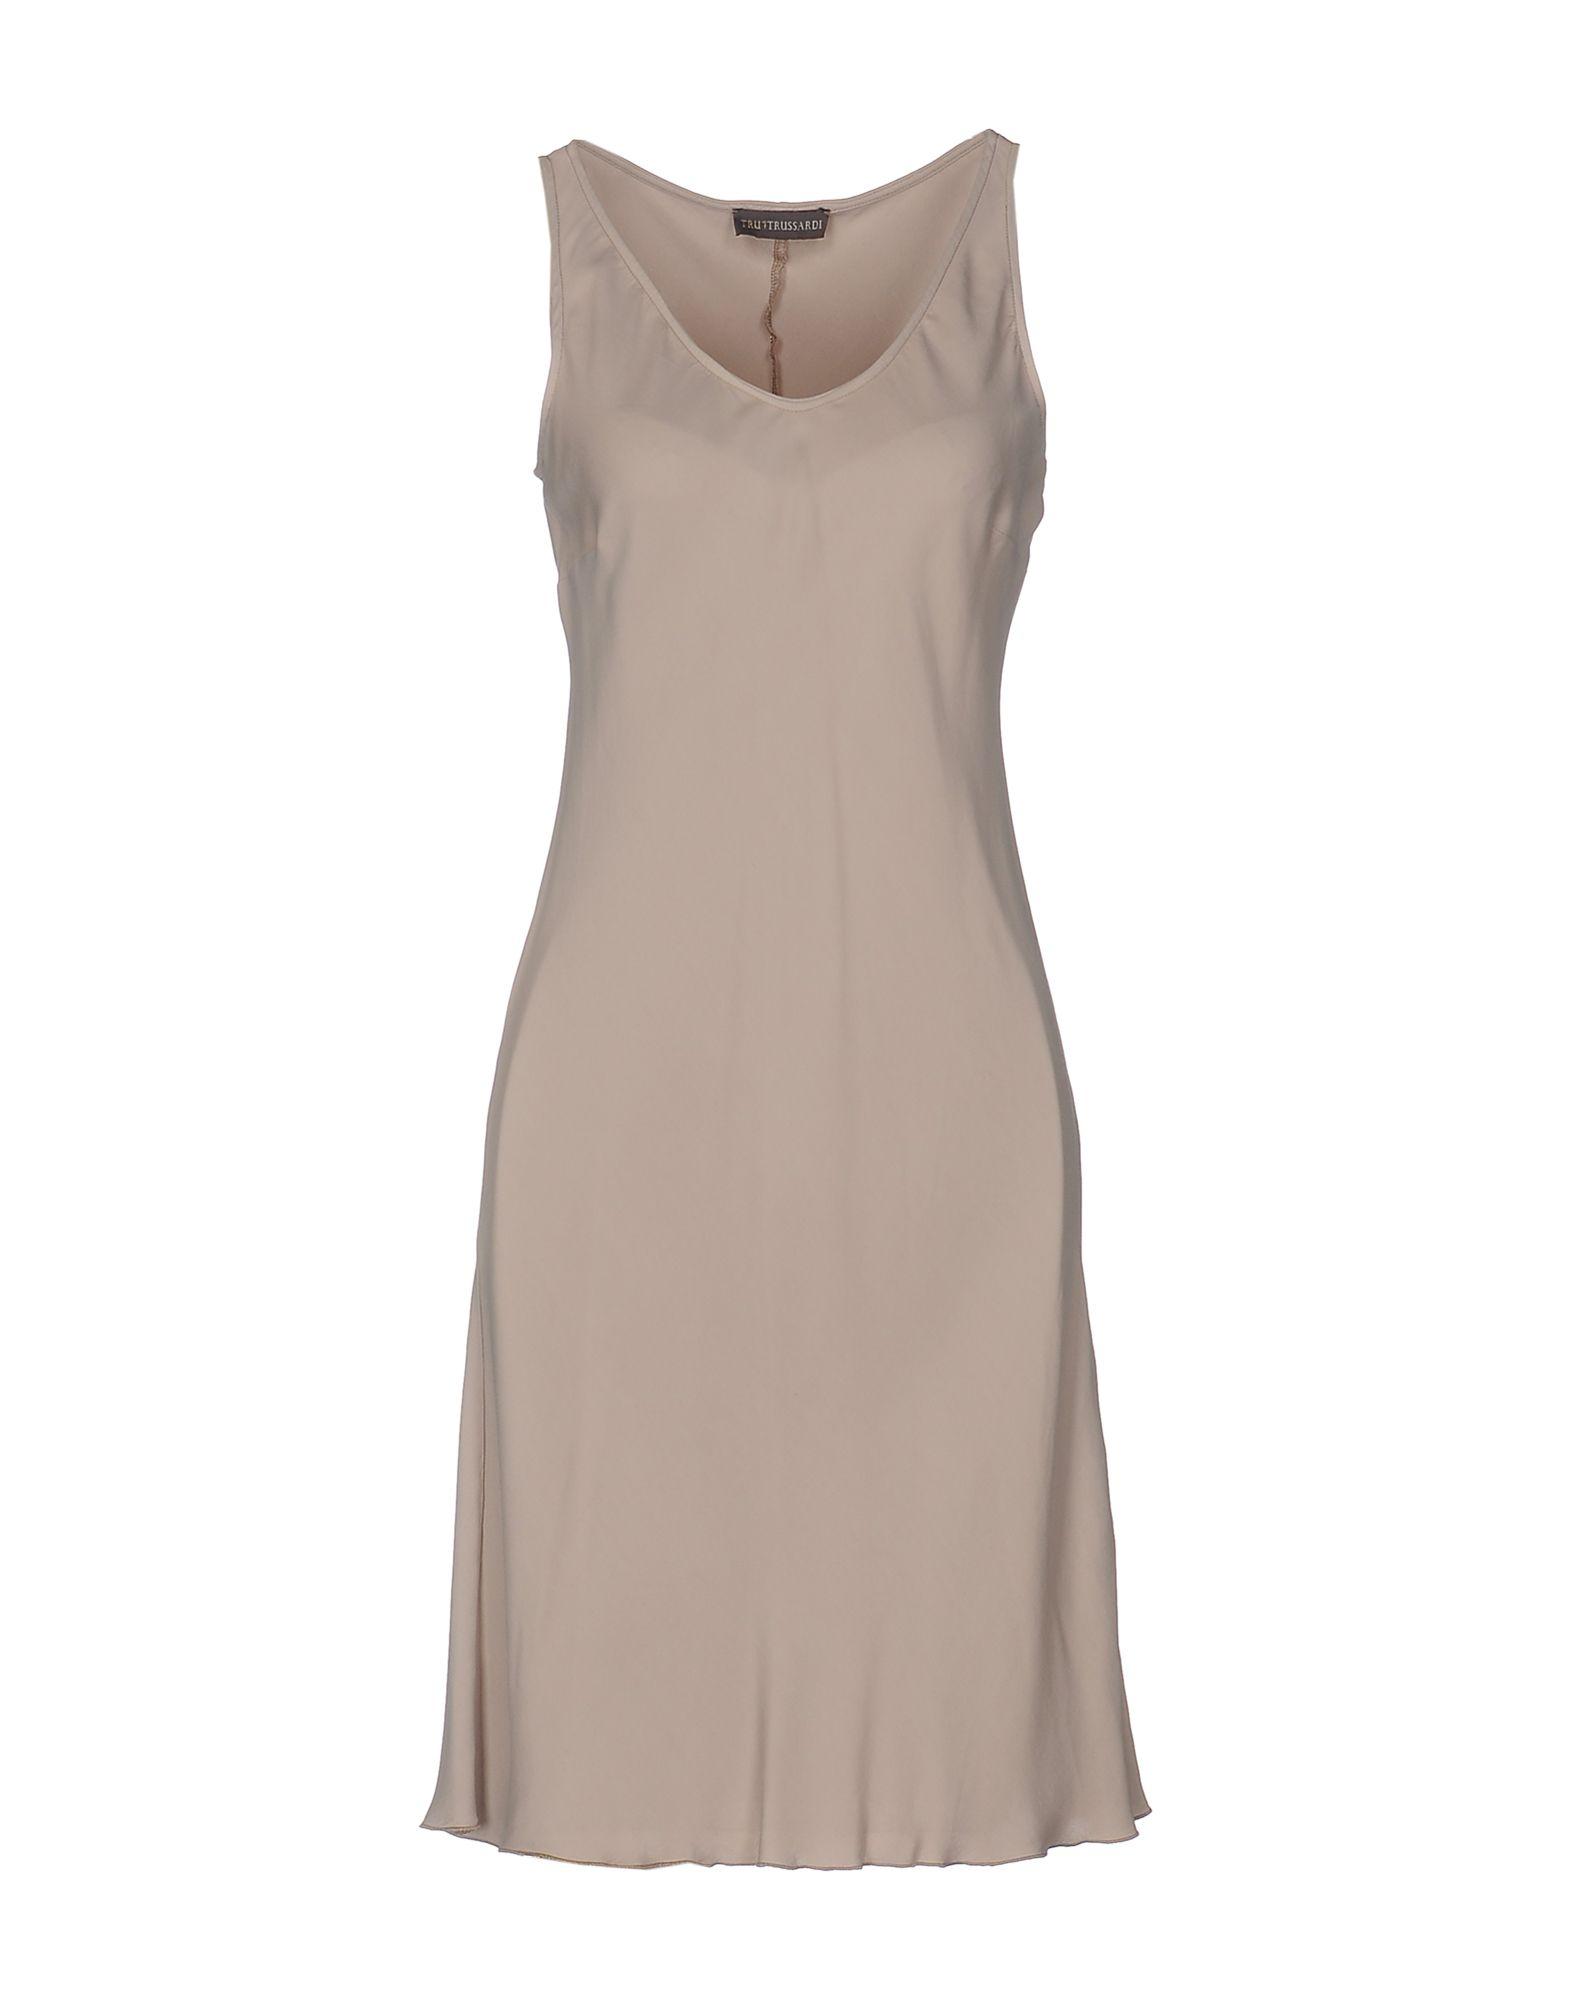 TRU TRUSSARDI Платье до колена повседневное платье без рукавов tru trussardi платья и сарафаны приталенные